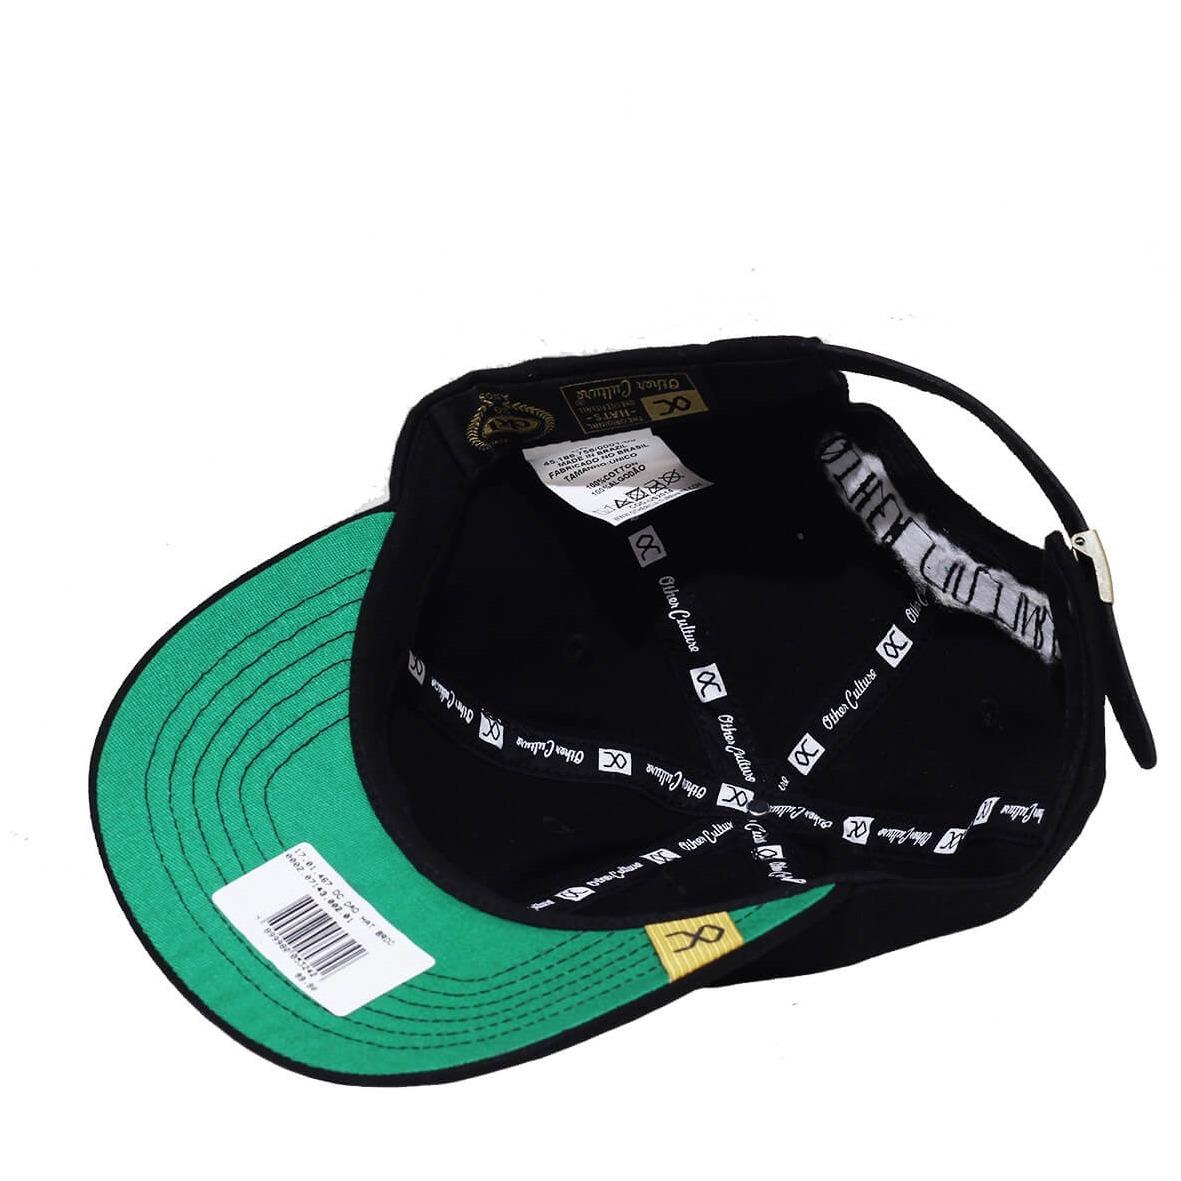 dd33bd8d45348 boné other culture aba curva strapback brooklyn  dad hats . Carregando zoom.